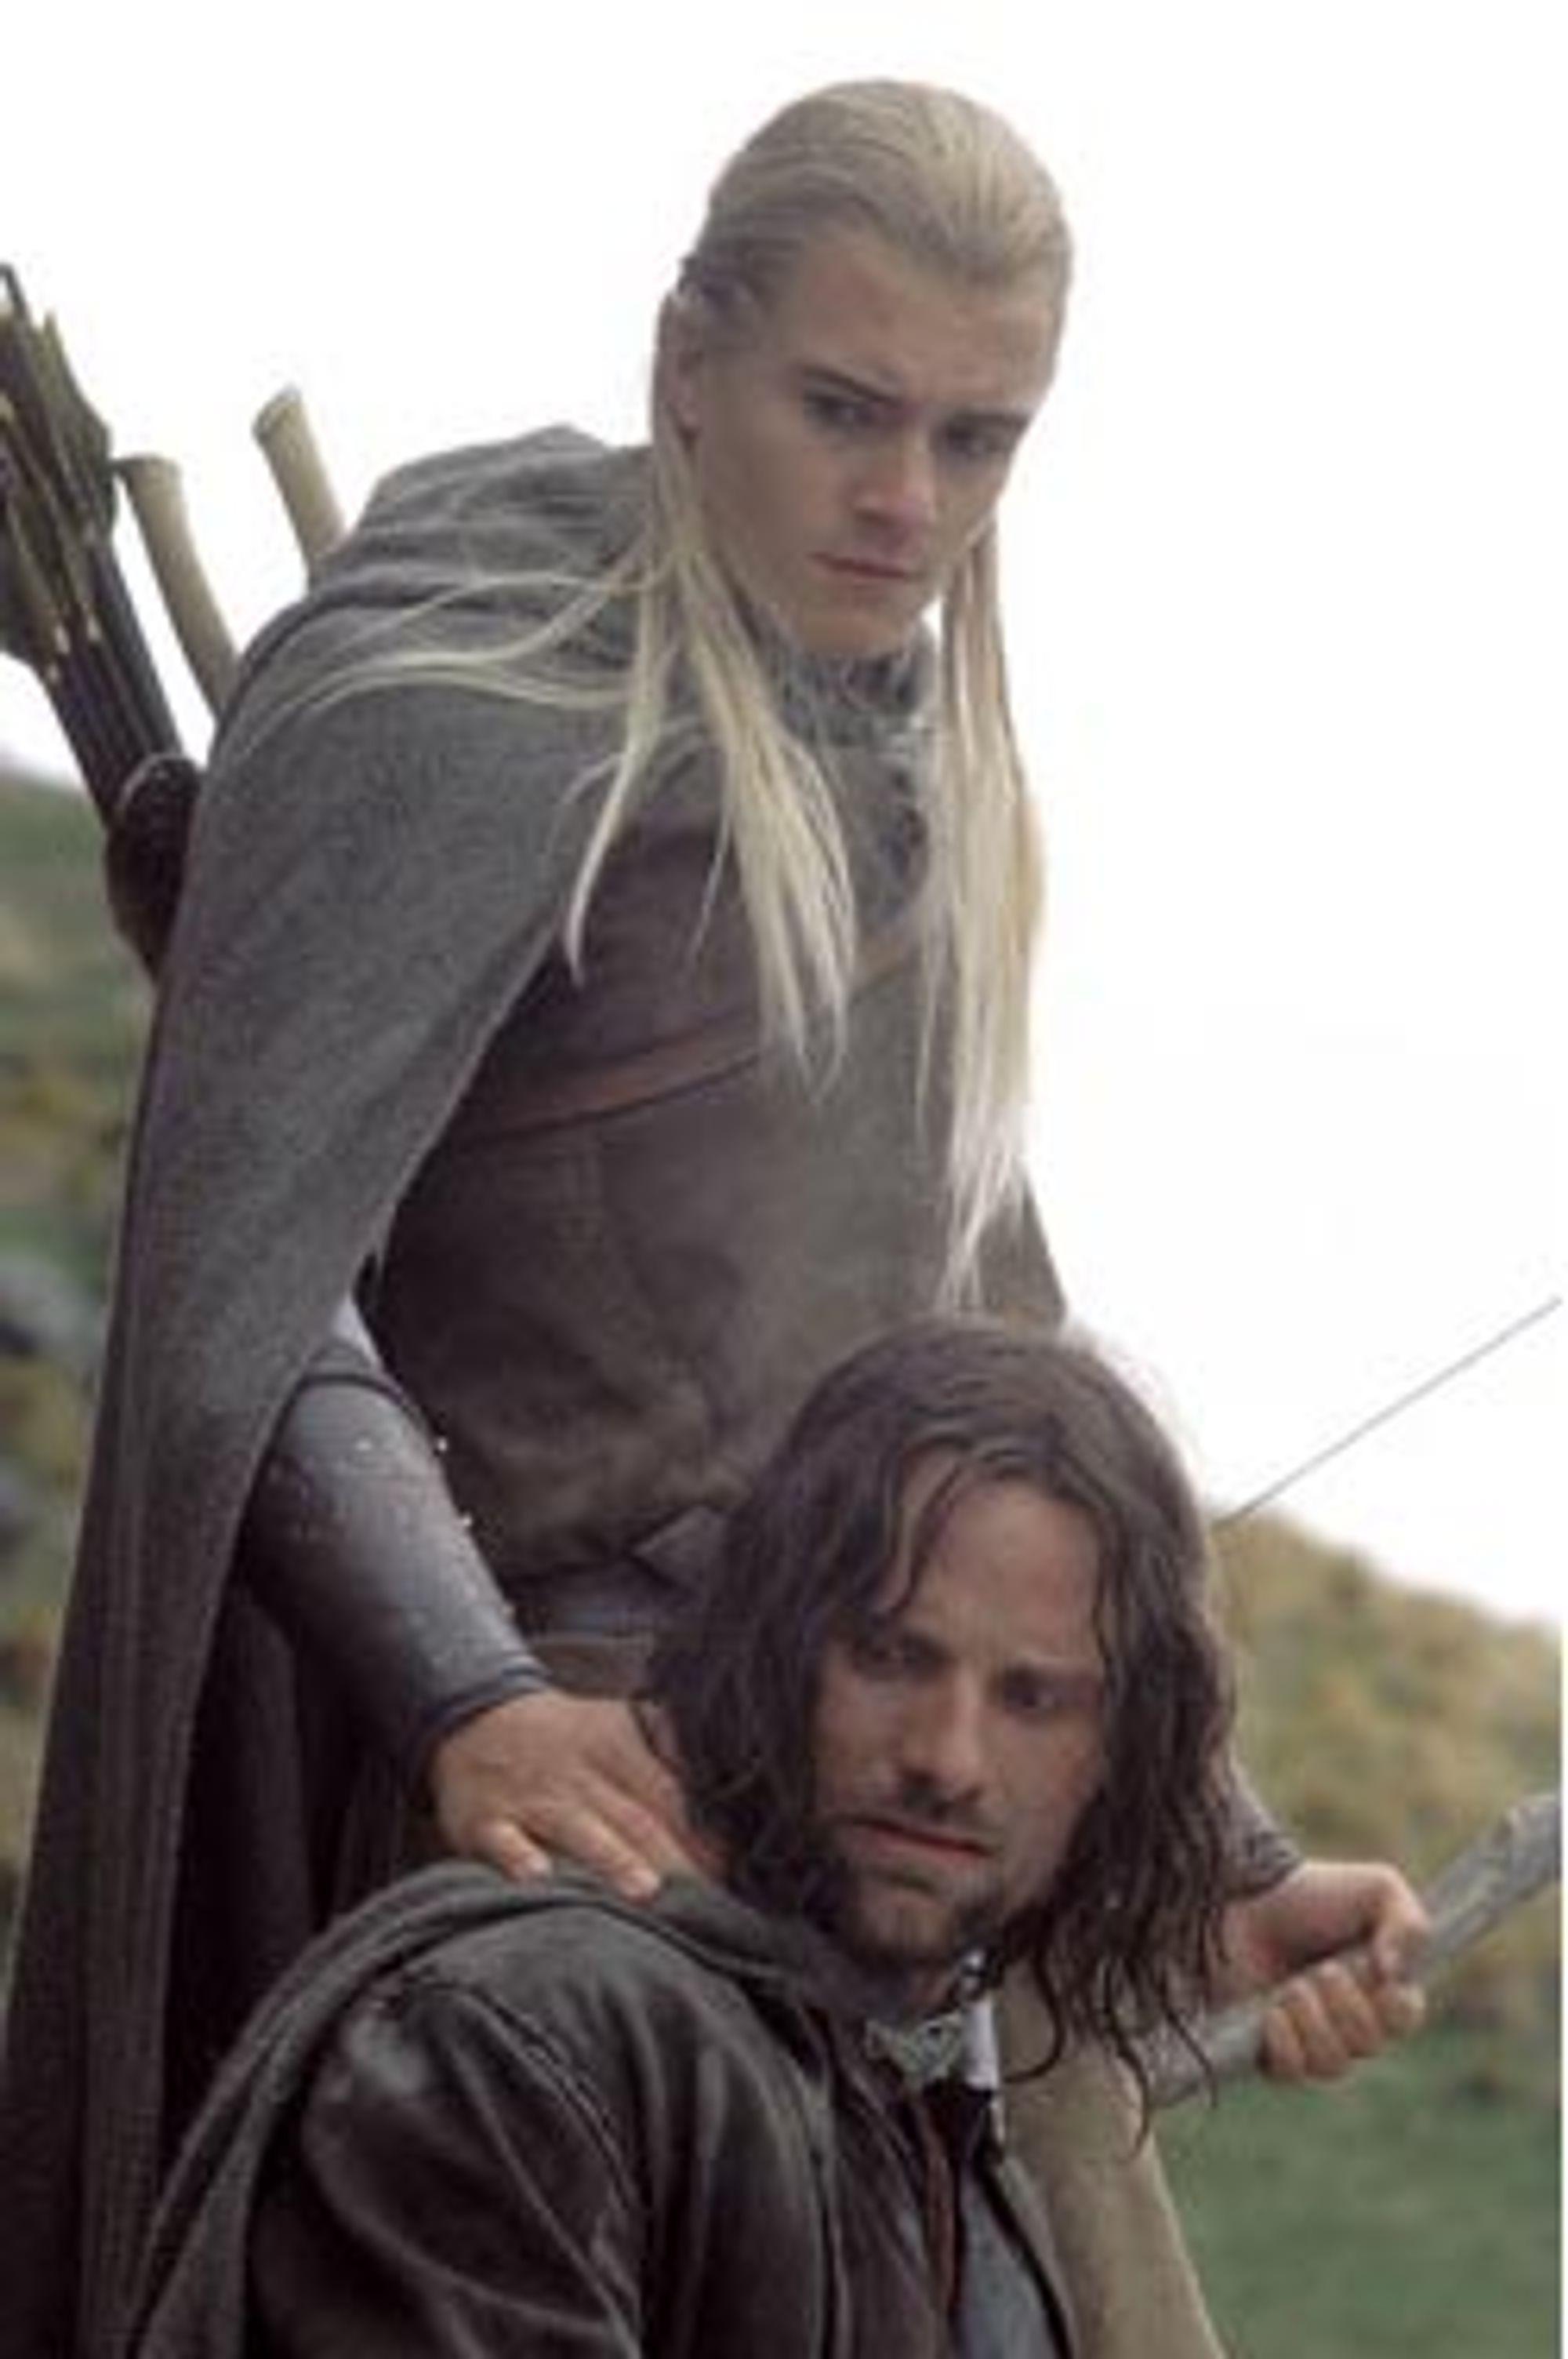 Du kan oppleve Legolas og Aragorn i musikal, men bare om du drar til London.